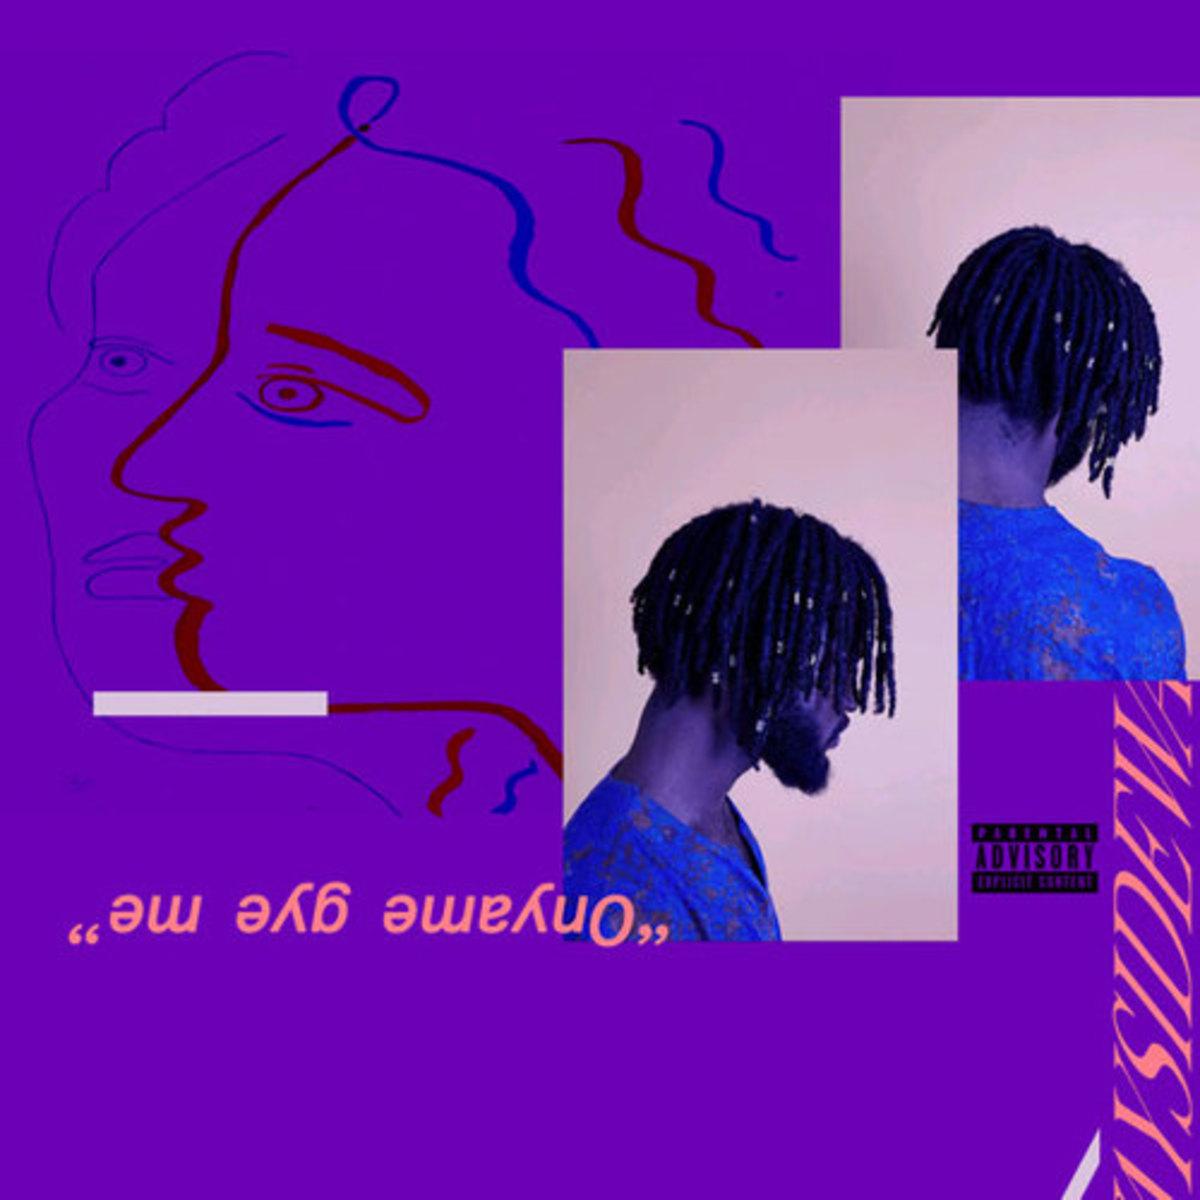 genesis-owusu-sideways.jpg